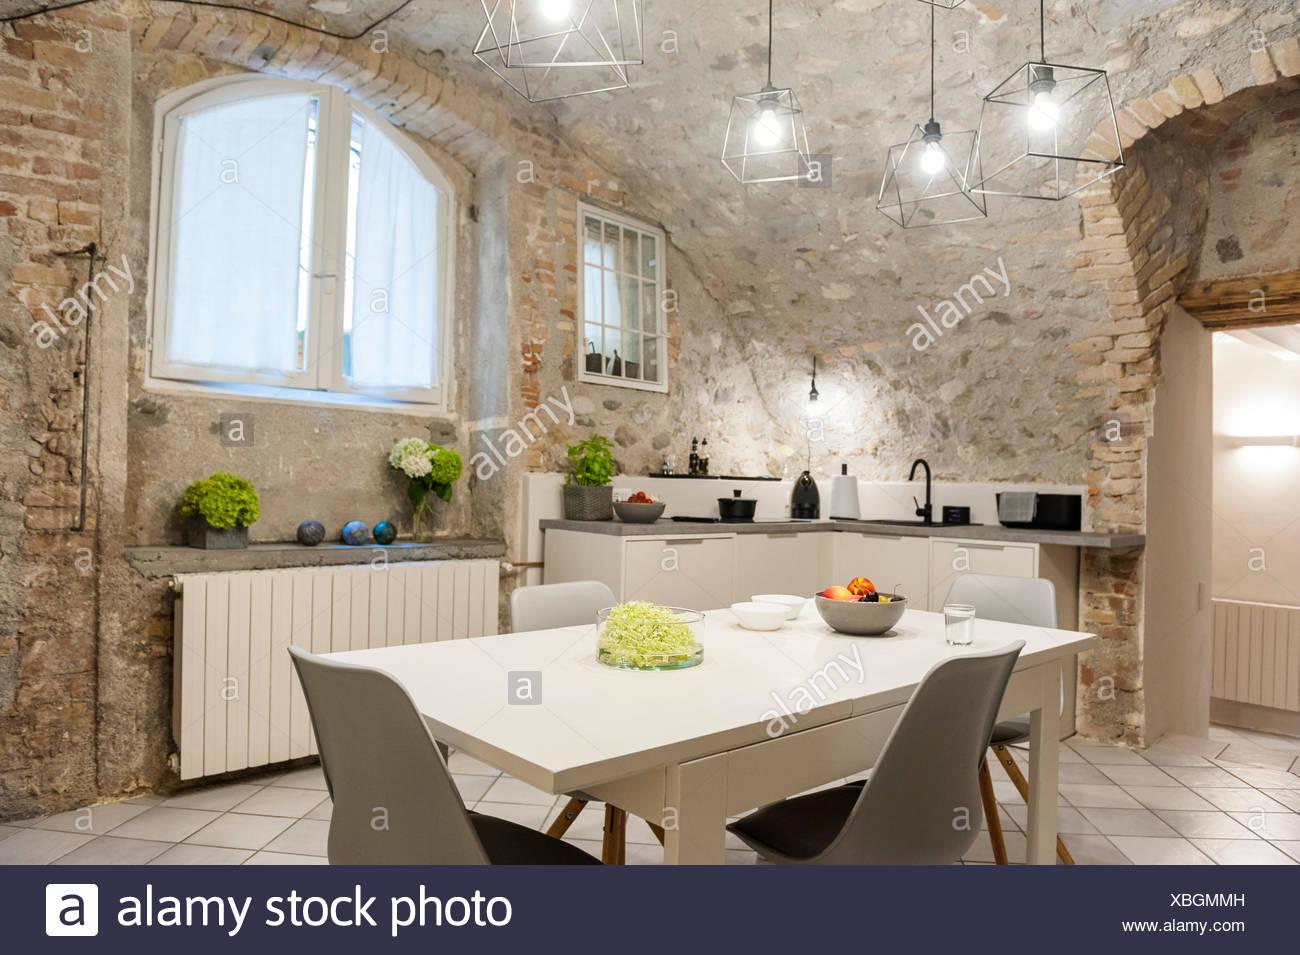 Interieur De Cuisine Moderne Dans Maison Ancienne En Pierre Photo Stock Alamy